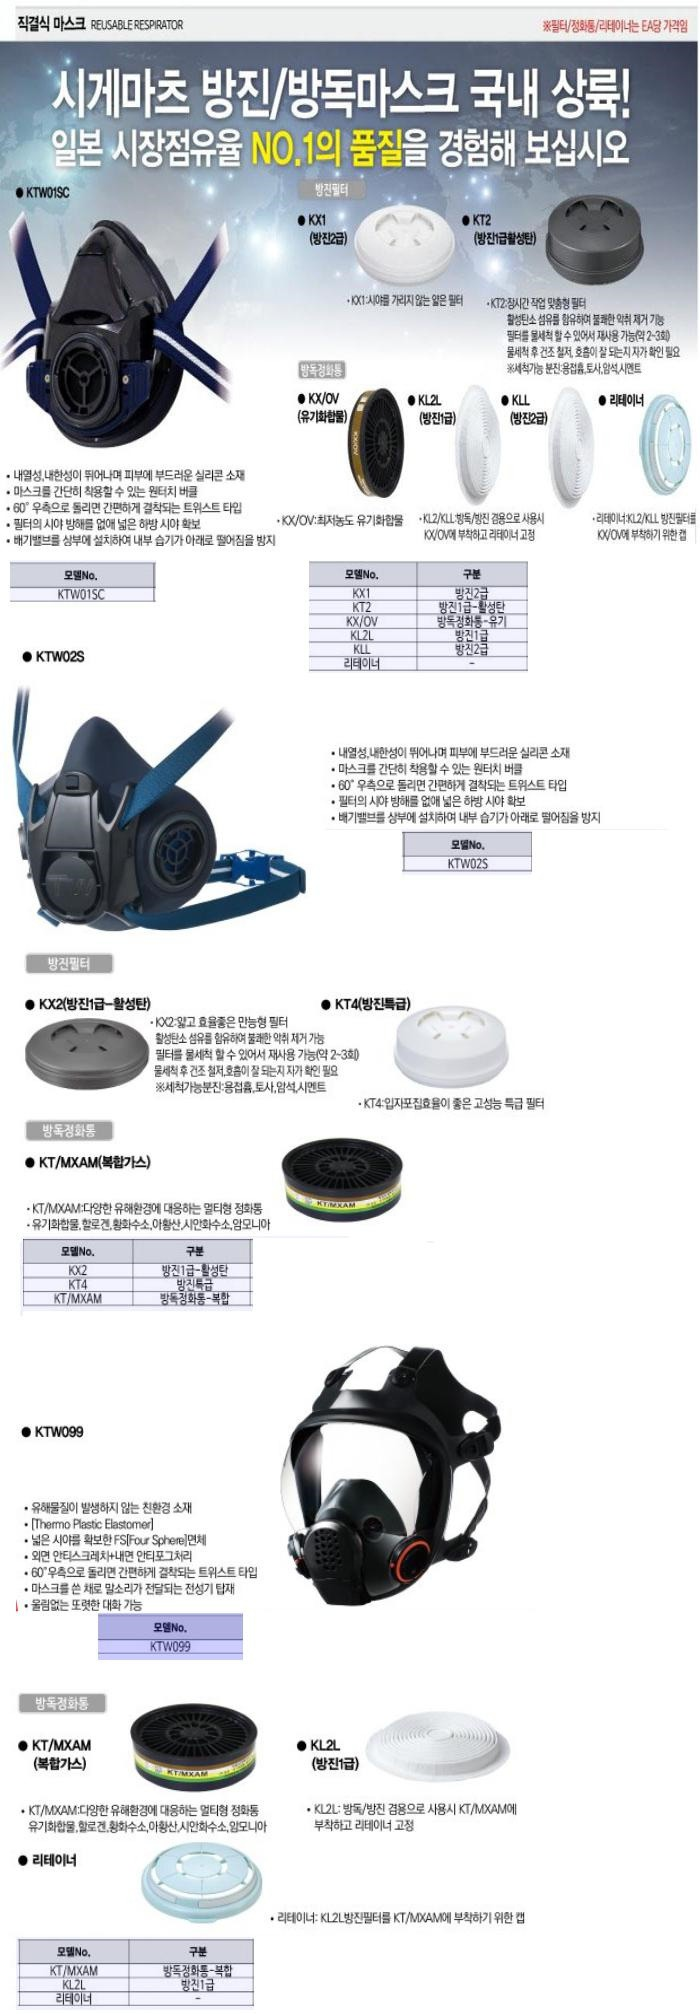 직결식마스크 KTW02S 크린탑 제조업체의 호흡/청력보호구/방독마스크 가격비교 및 판매정보 소개